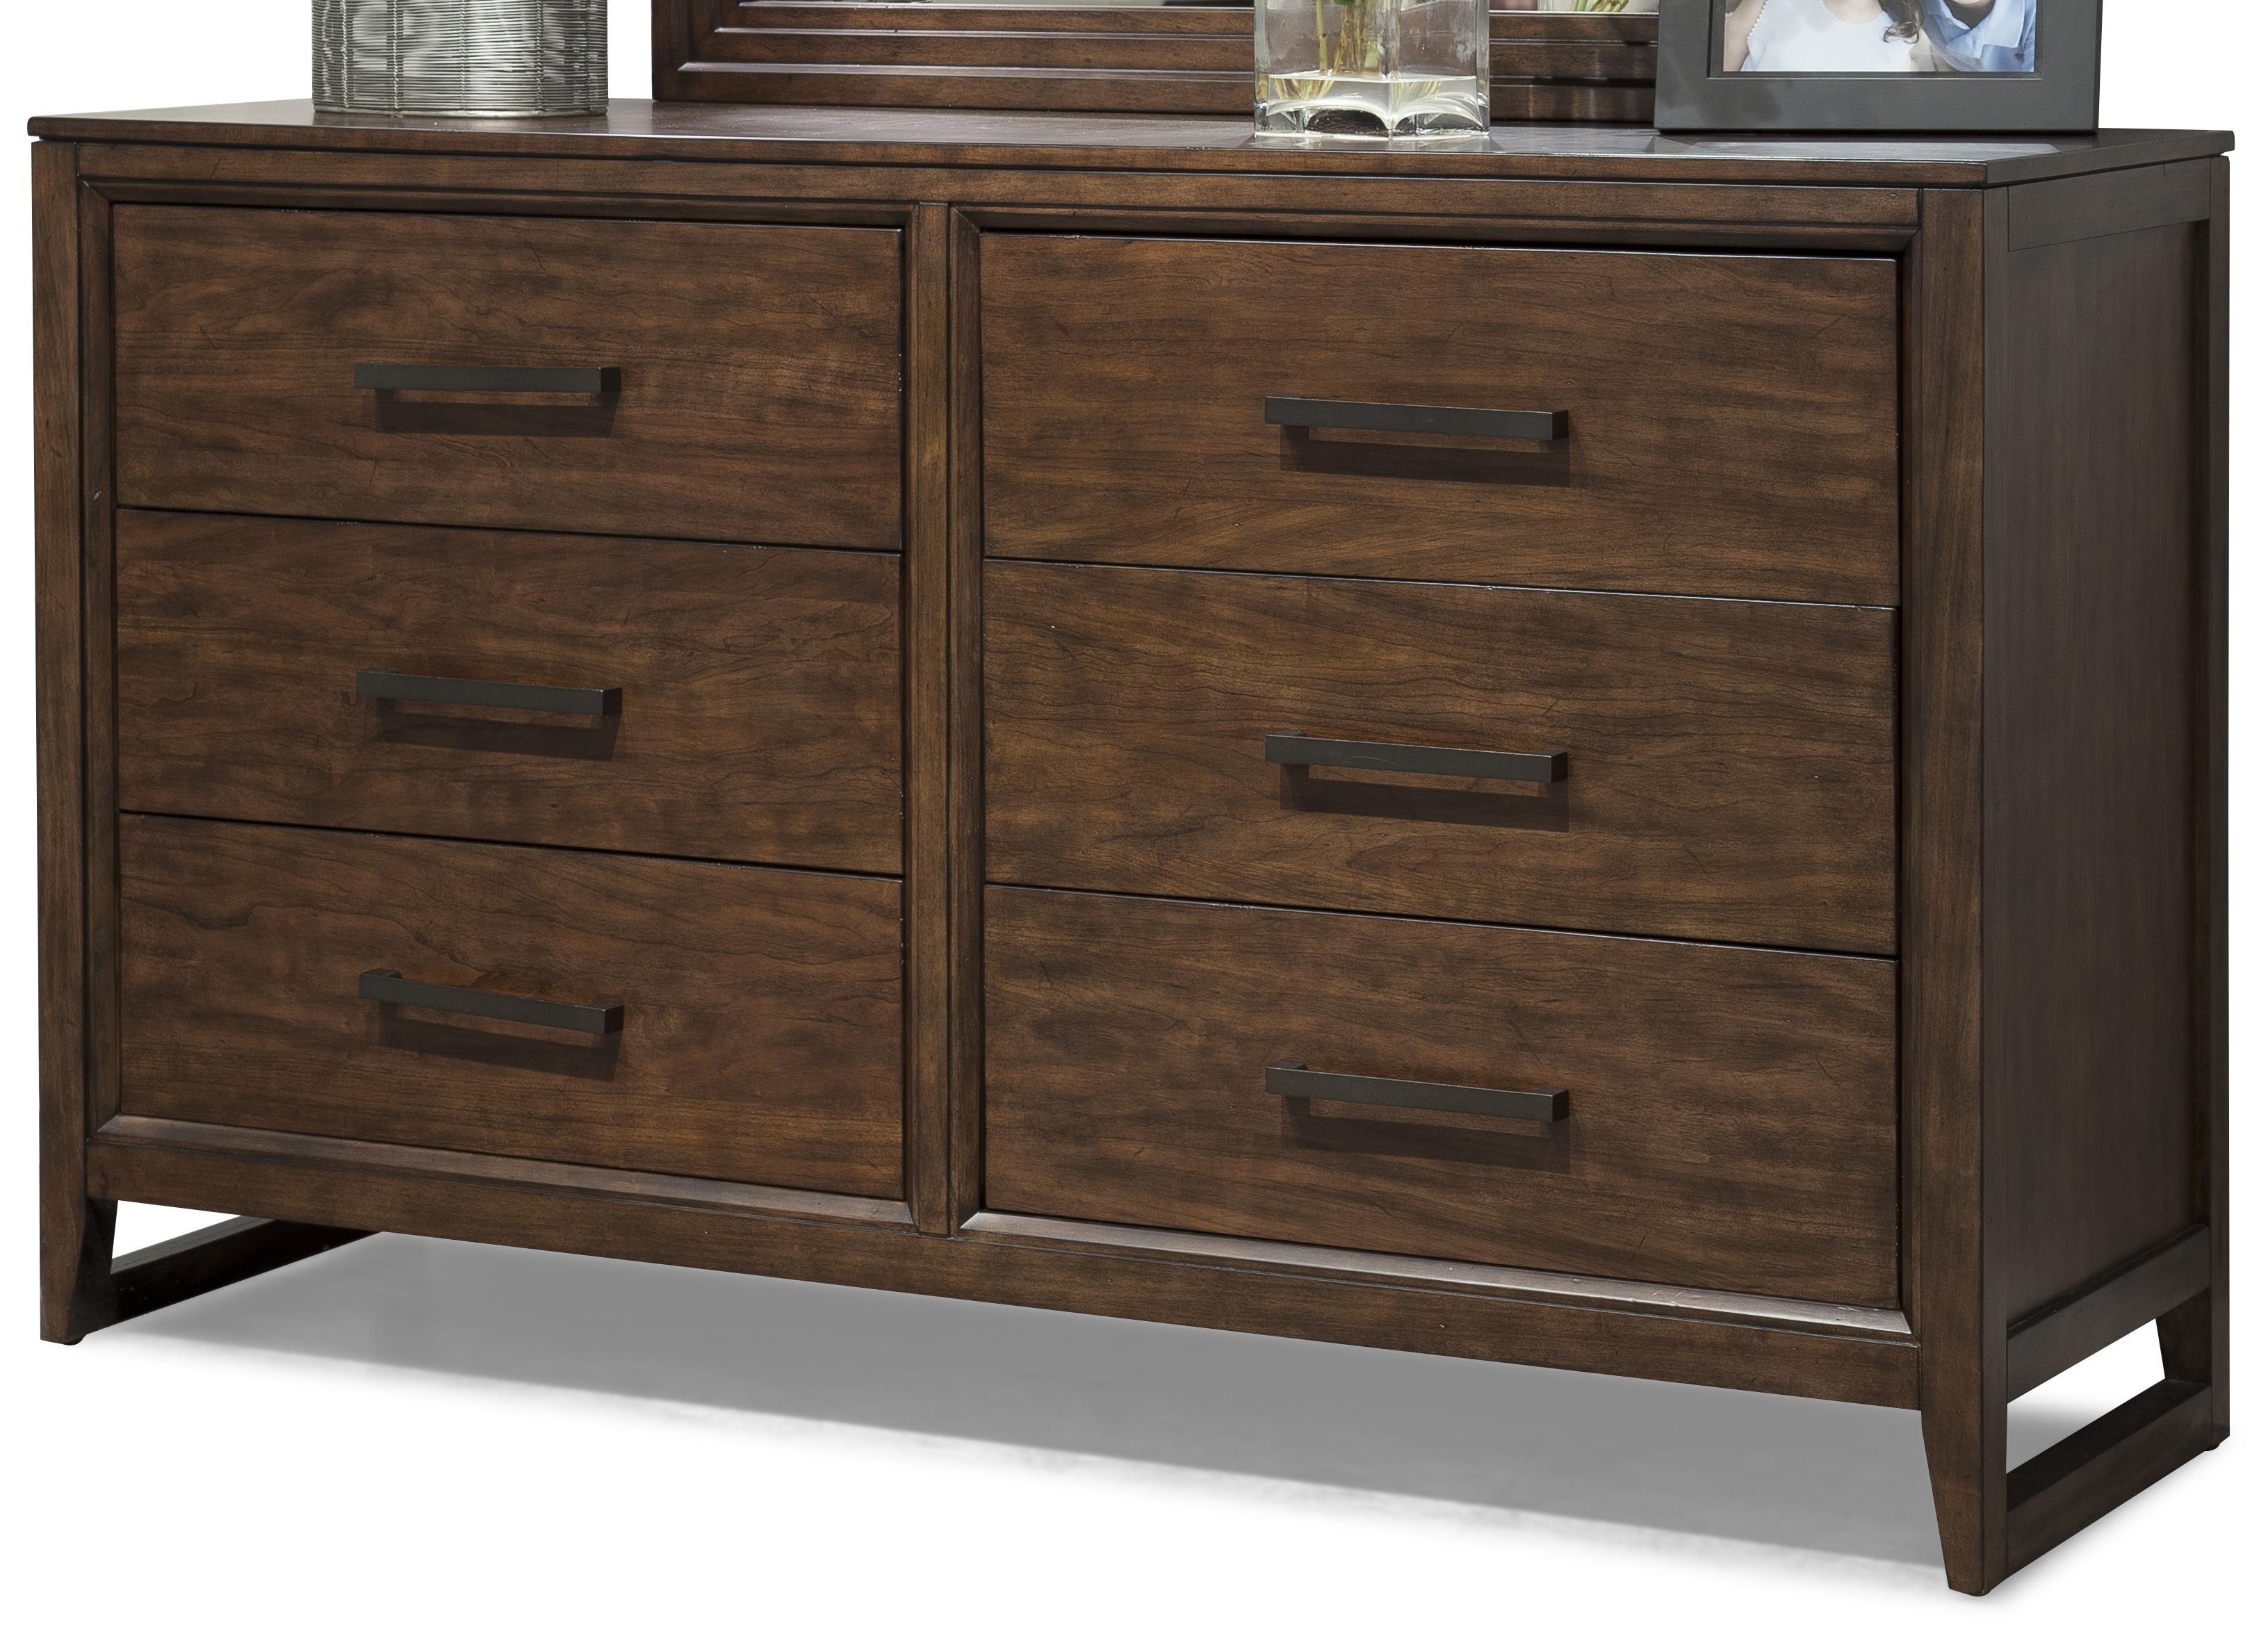 Cresent Fine Furniture Mercer Dresser - Item Number: 5301